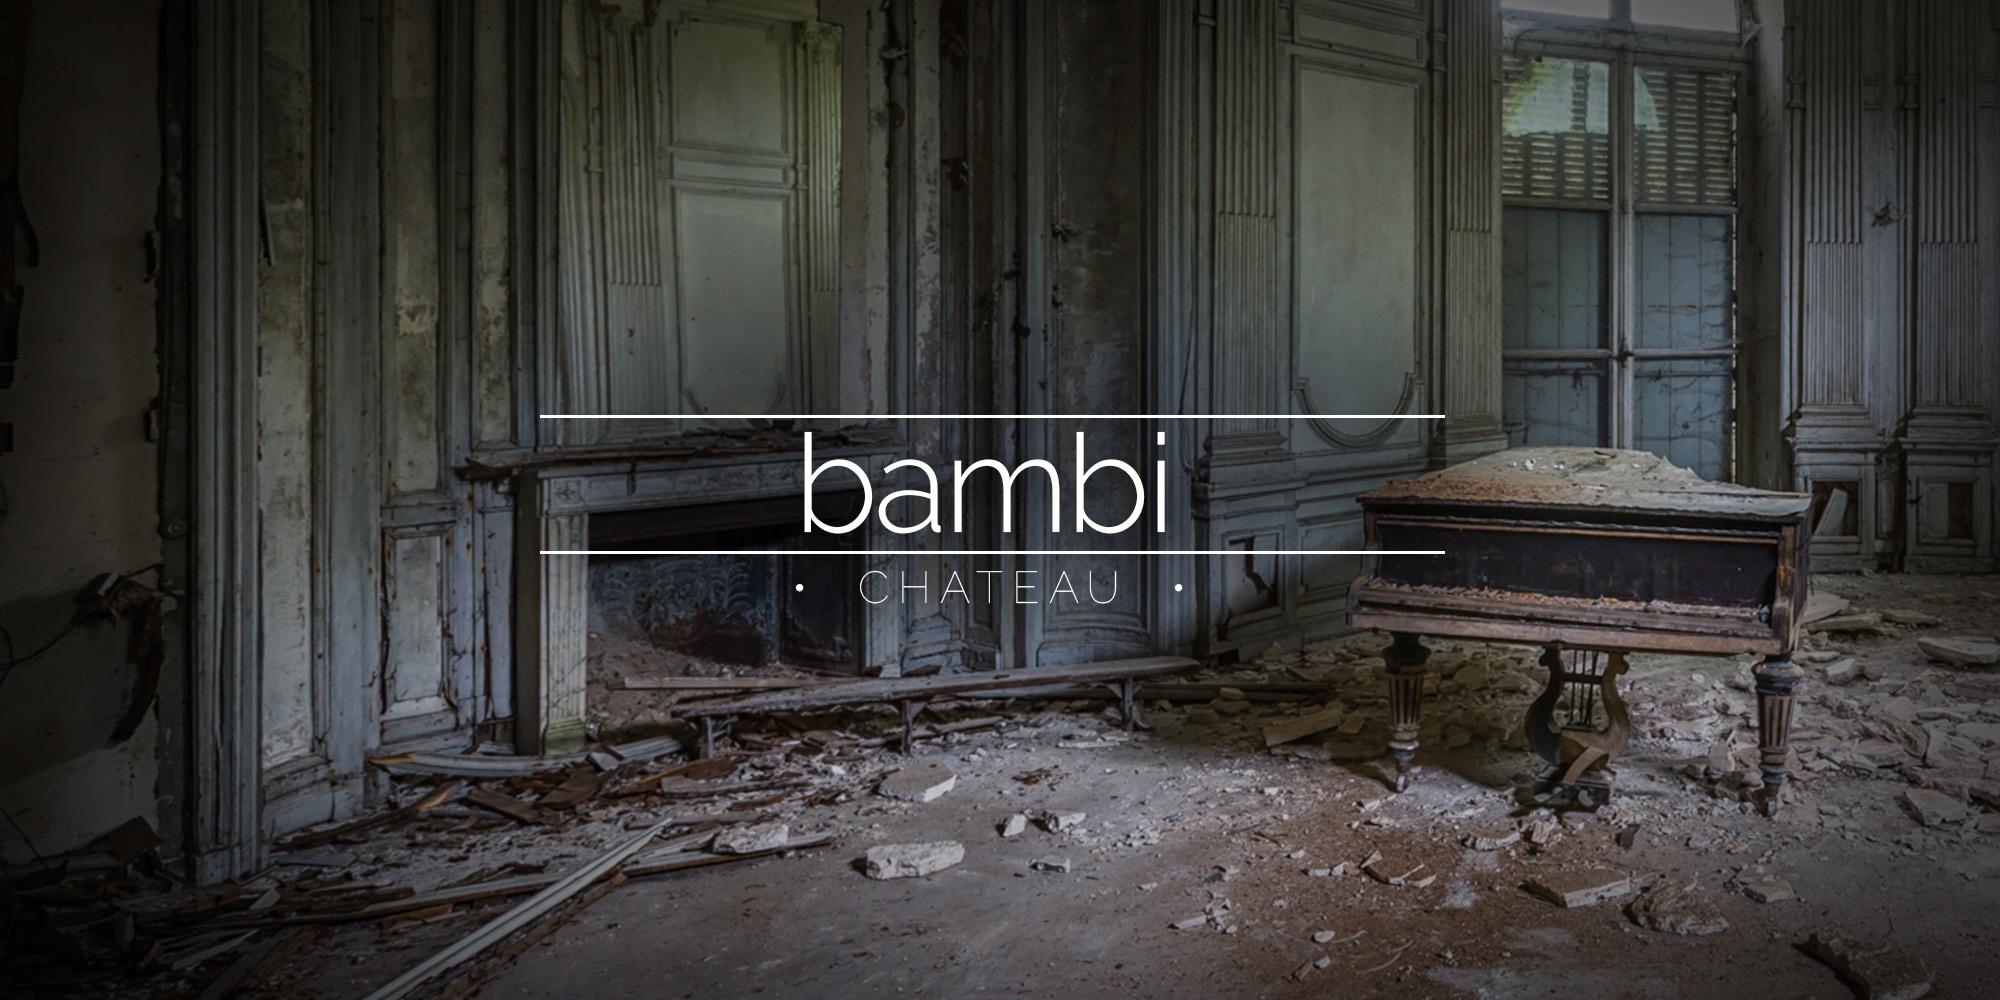 Chateau Bambi, Abandoned House, France